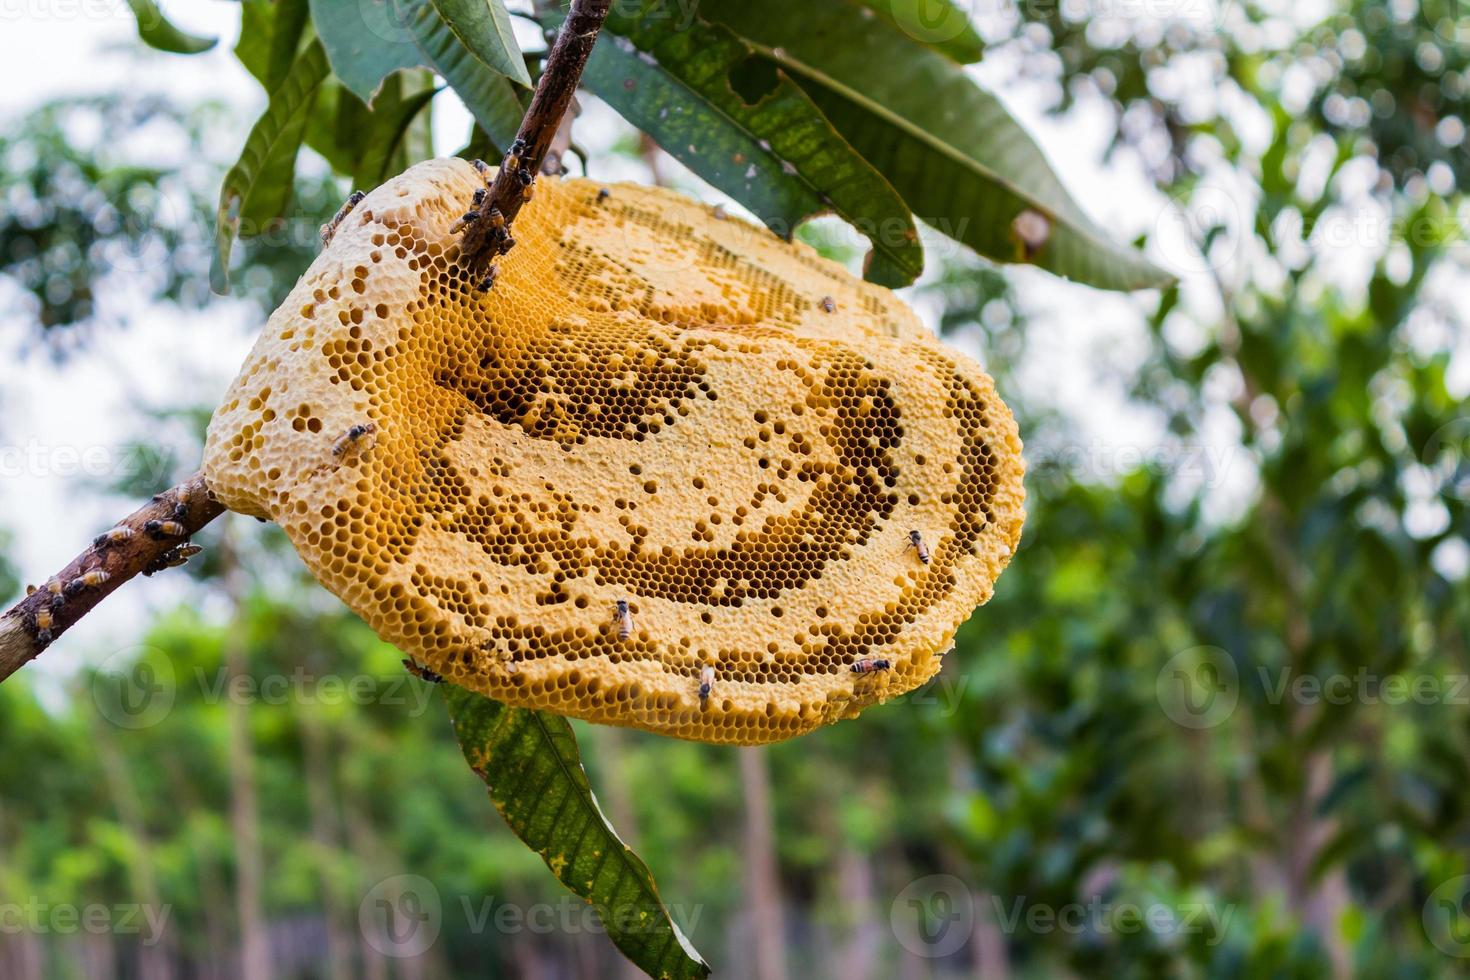 giallo bellissimo nido d'ape con miele e giovane ape sull'albero. foto